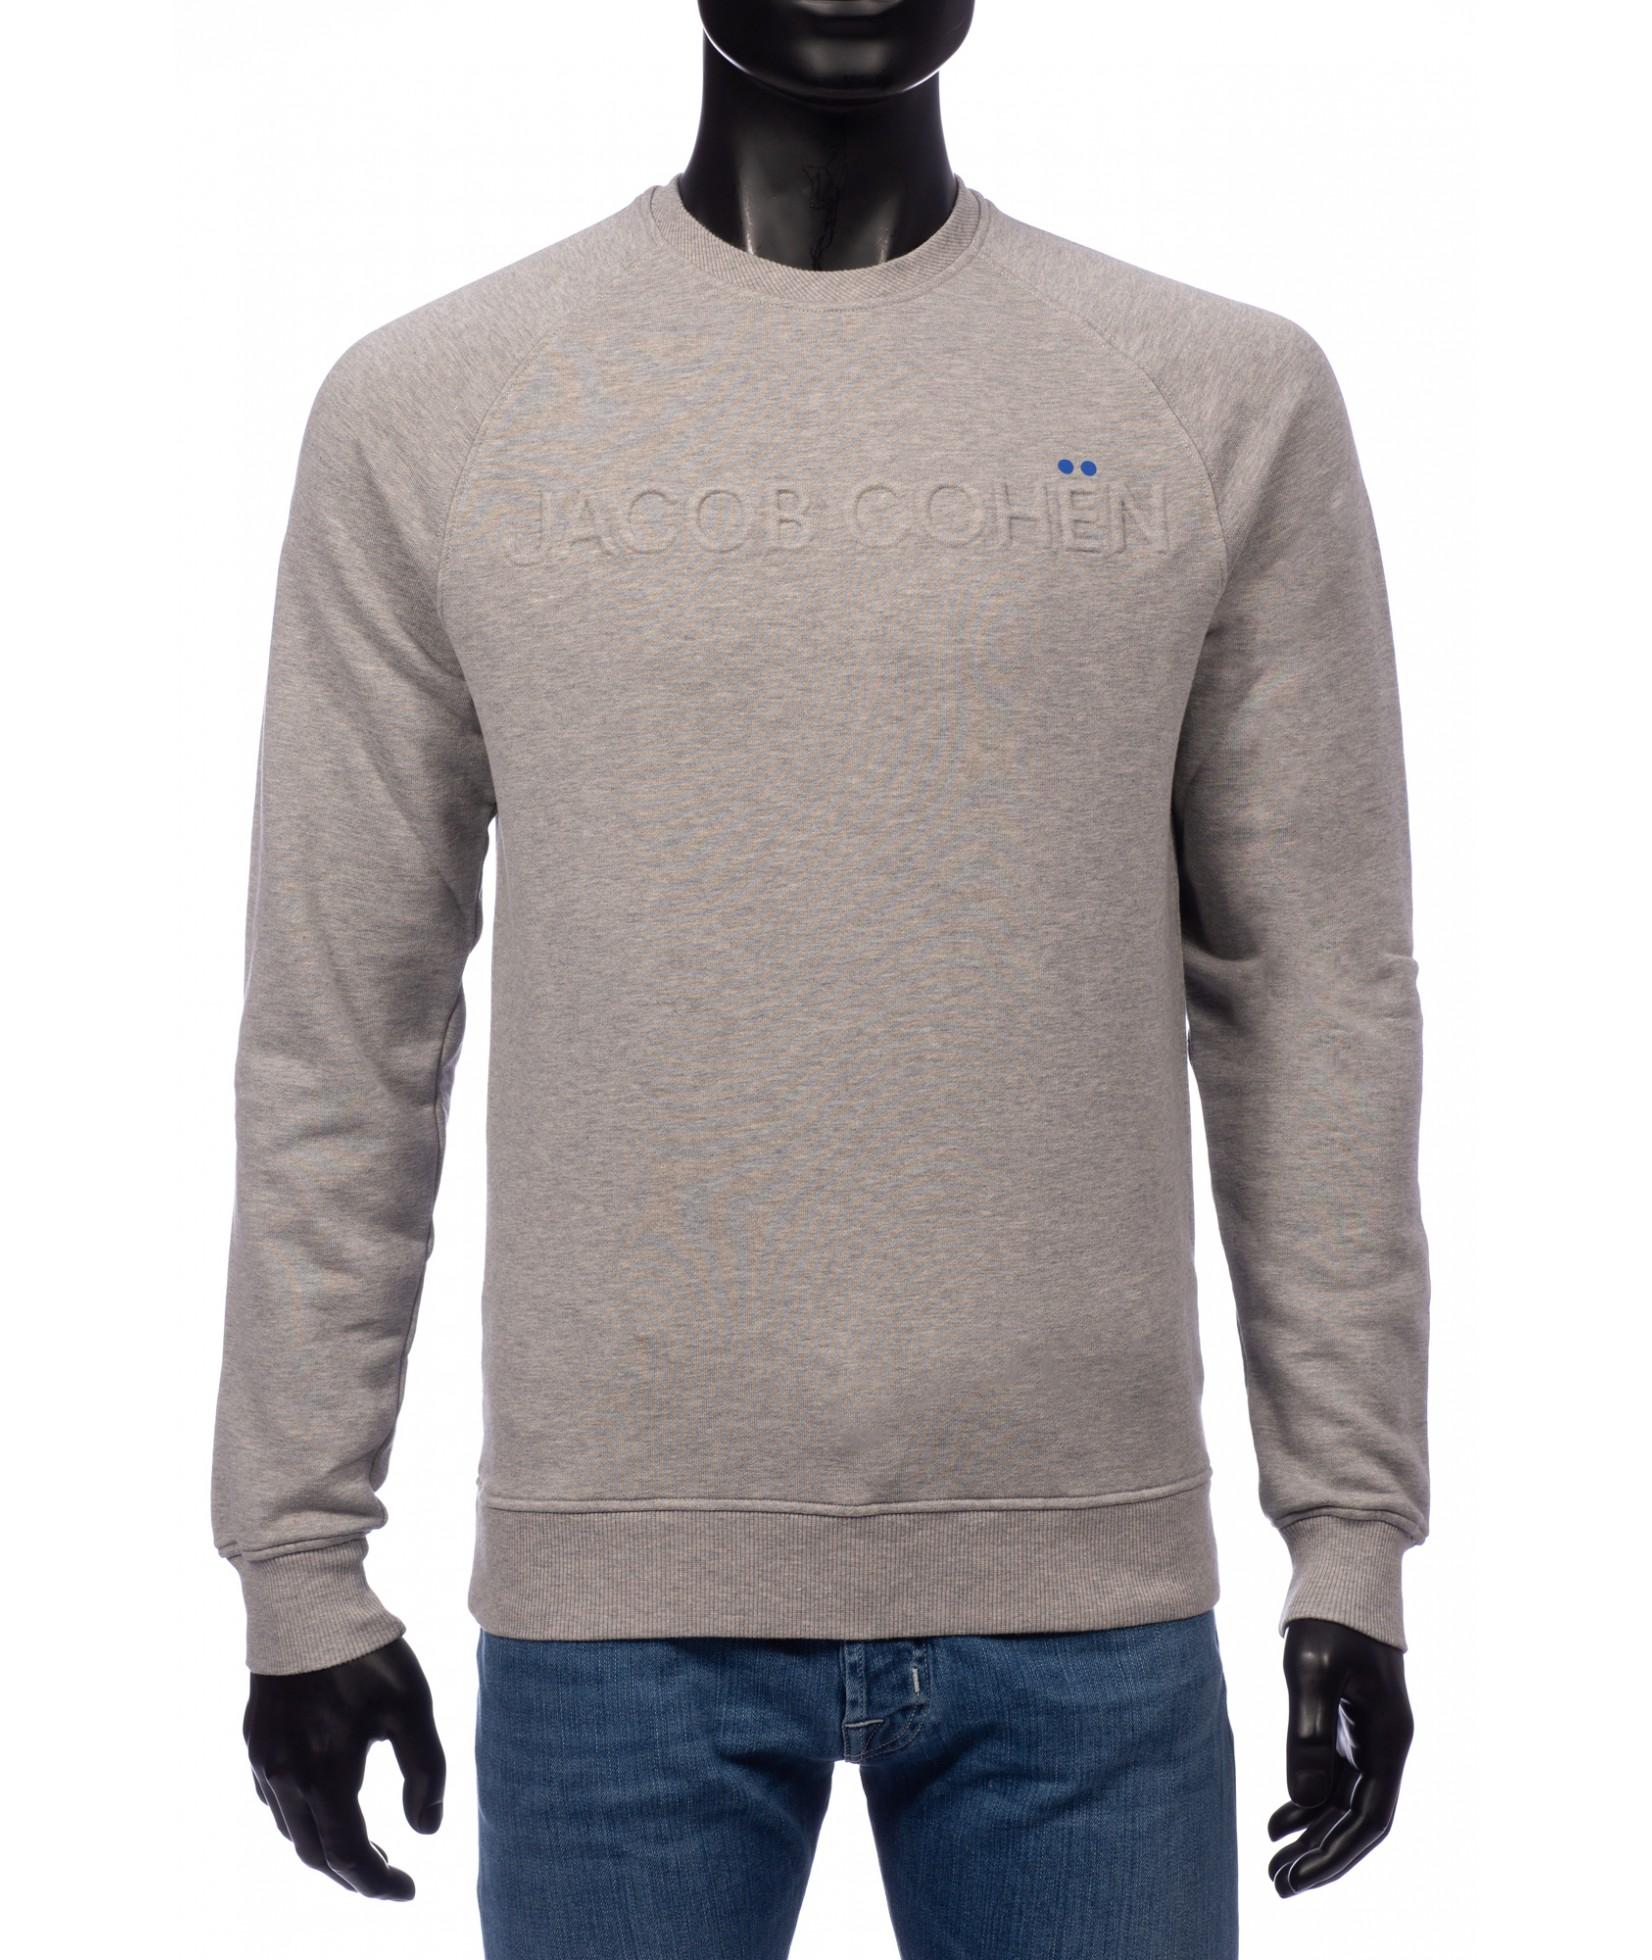 Jacob Cohen Sweater Grijs (30435)